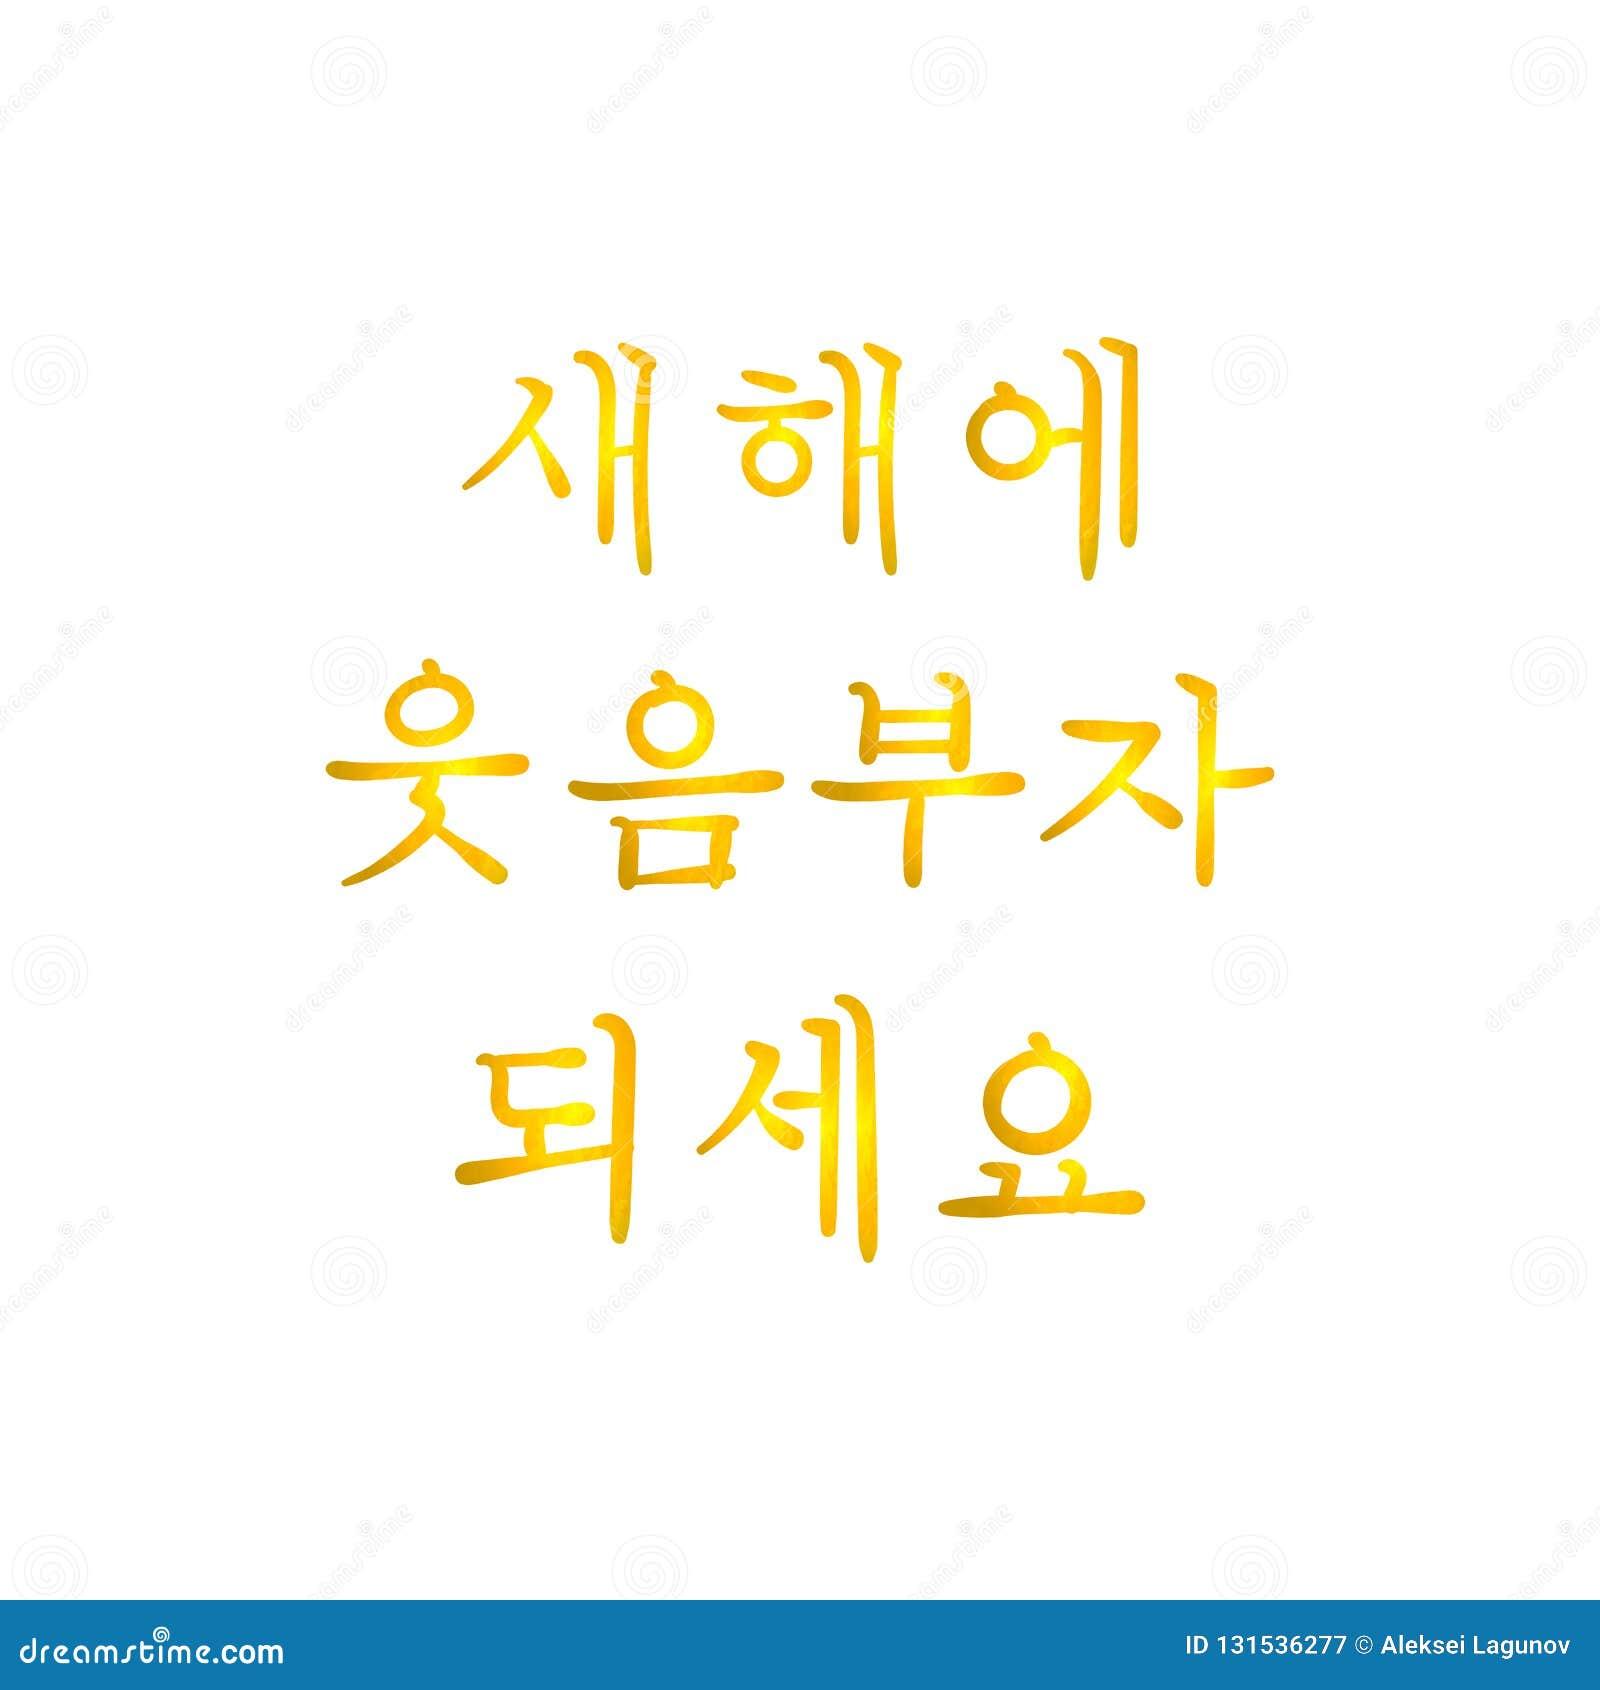 Διανυσματικές καλλιγραφικές συγχαρητήριες λέξεις έτους Hapy νέες, κορεατική γλώσσα, χρυσή να λάμψει εγγραφή που απομονώνεται